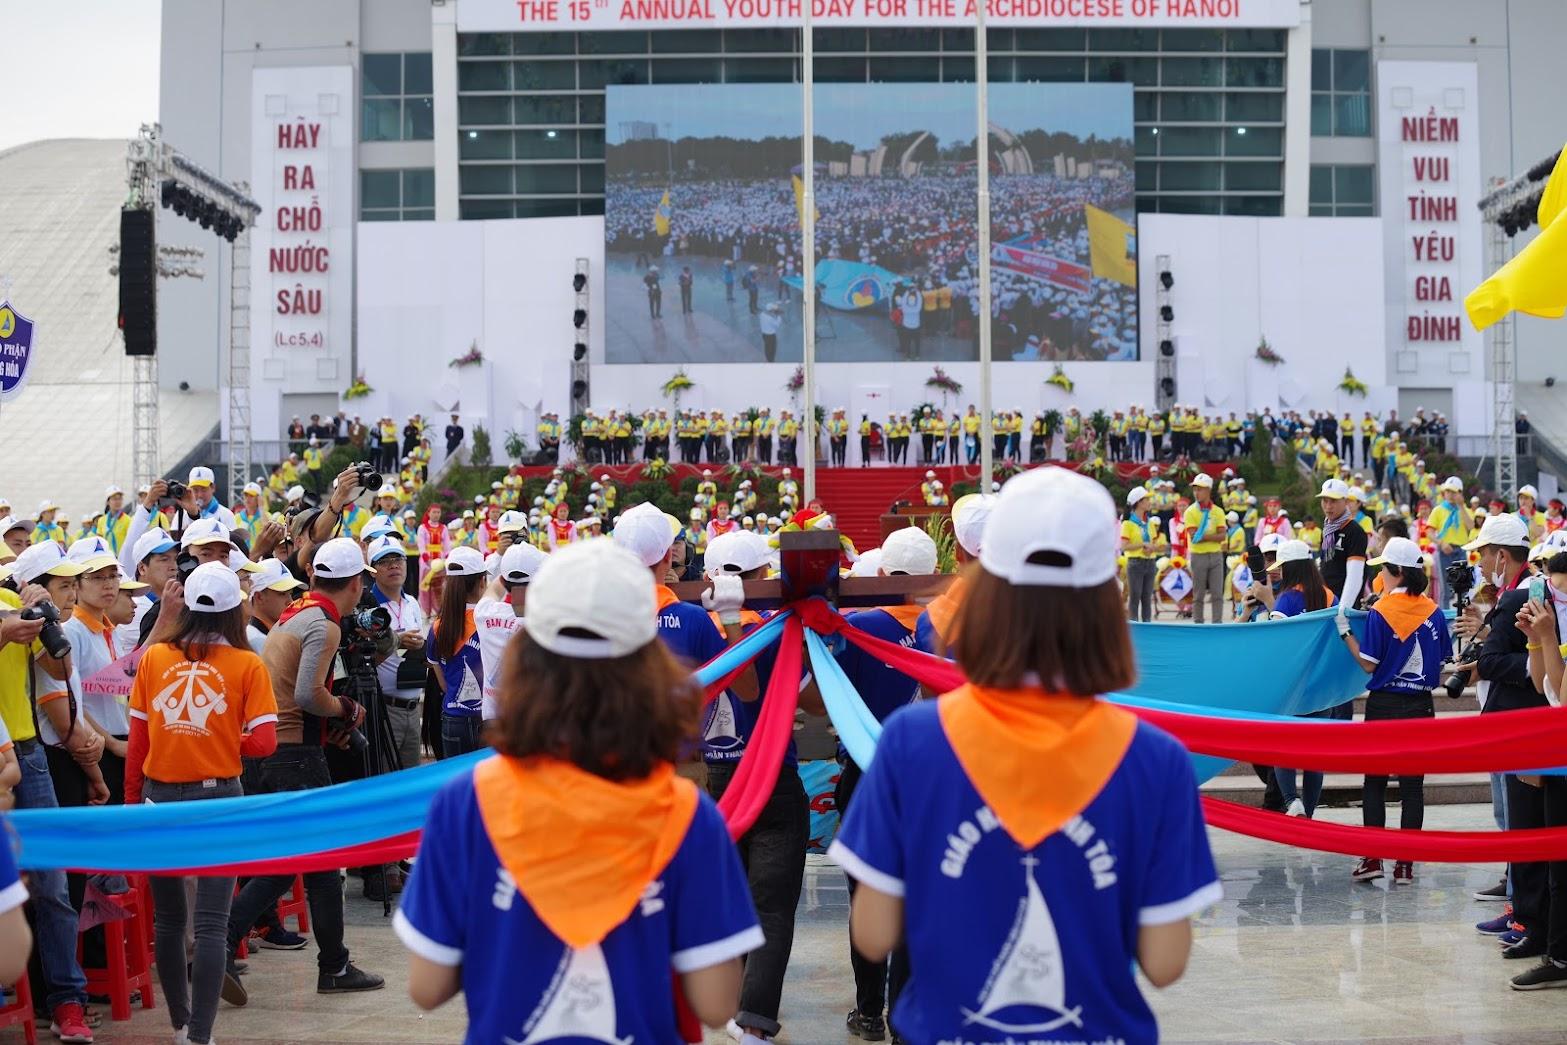 Những hình ảnh đẹp về lễ khai mạc Đại Hội Giới Trẻ giáo tỉnh Hà Nội lần thứ XV tại Thanh Hóa - Ảnh minh hoạ 32